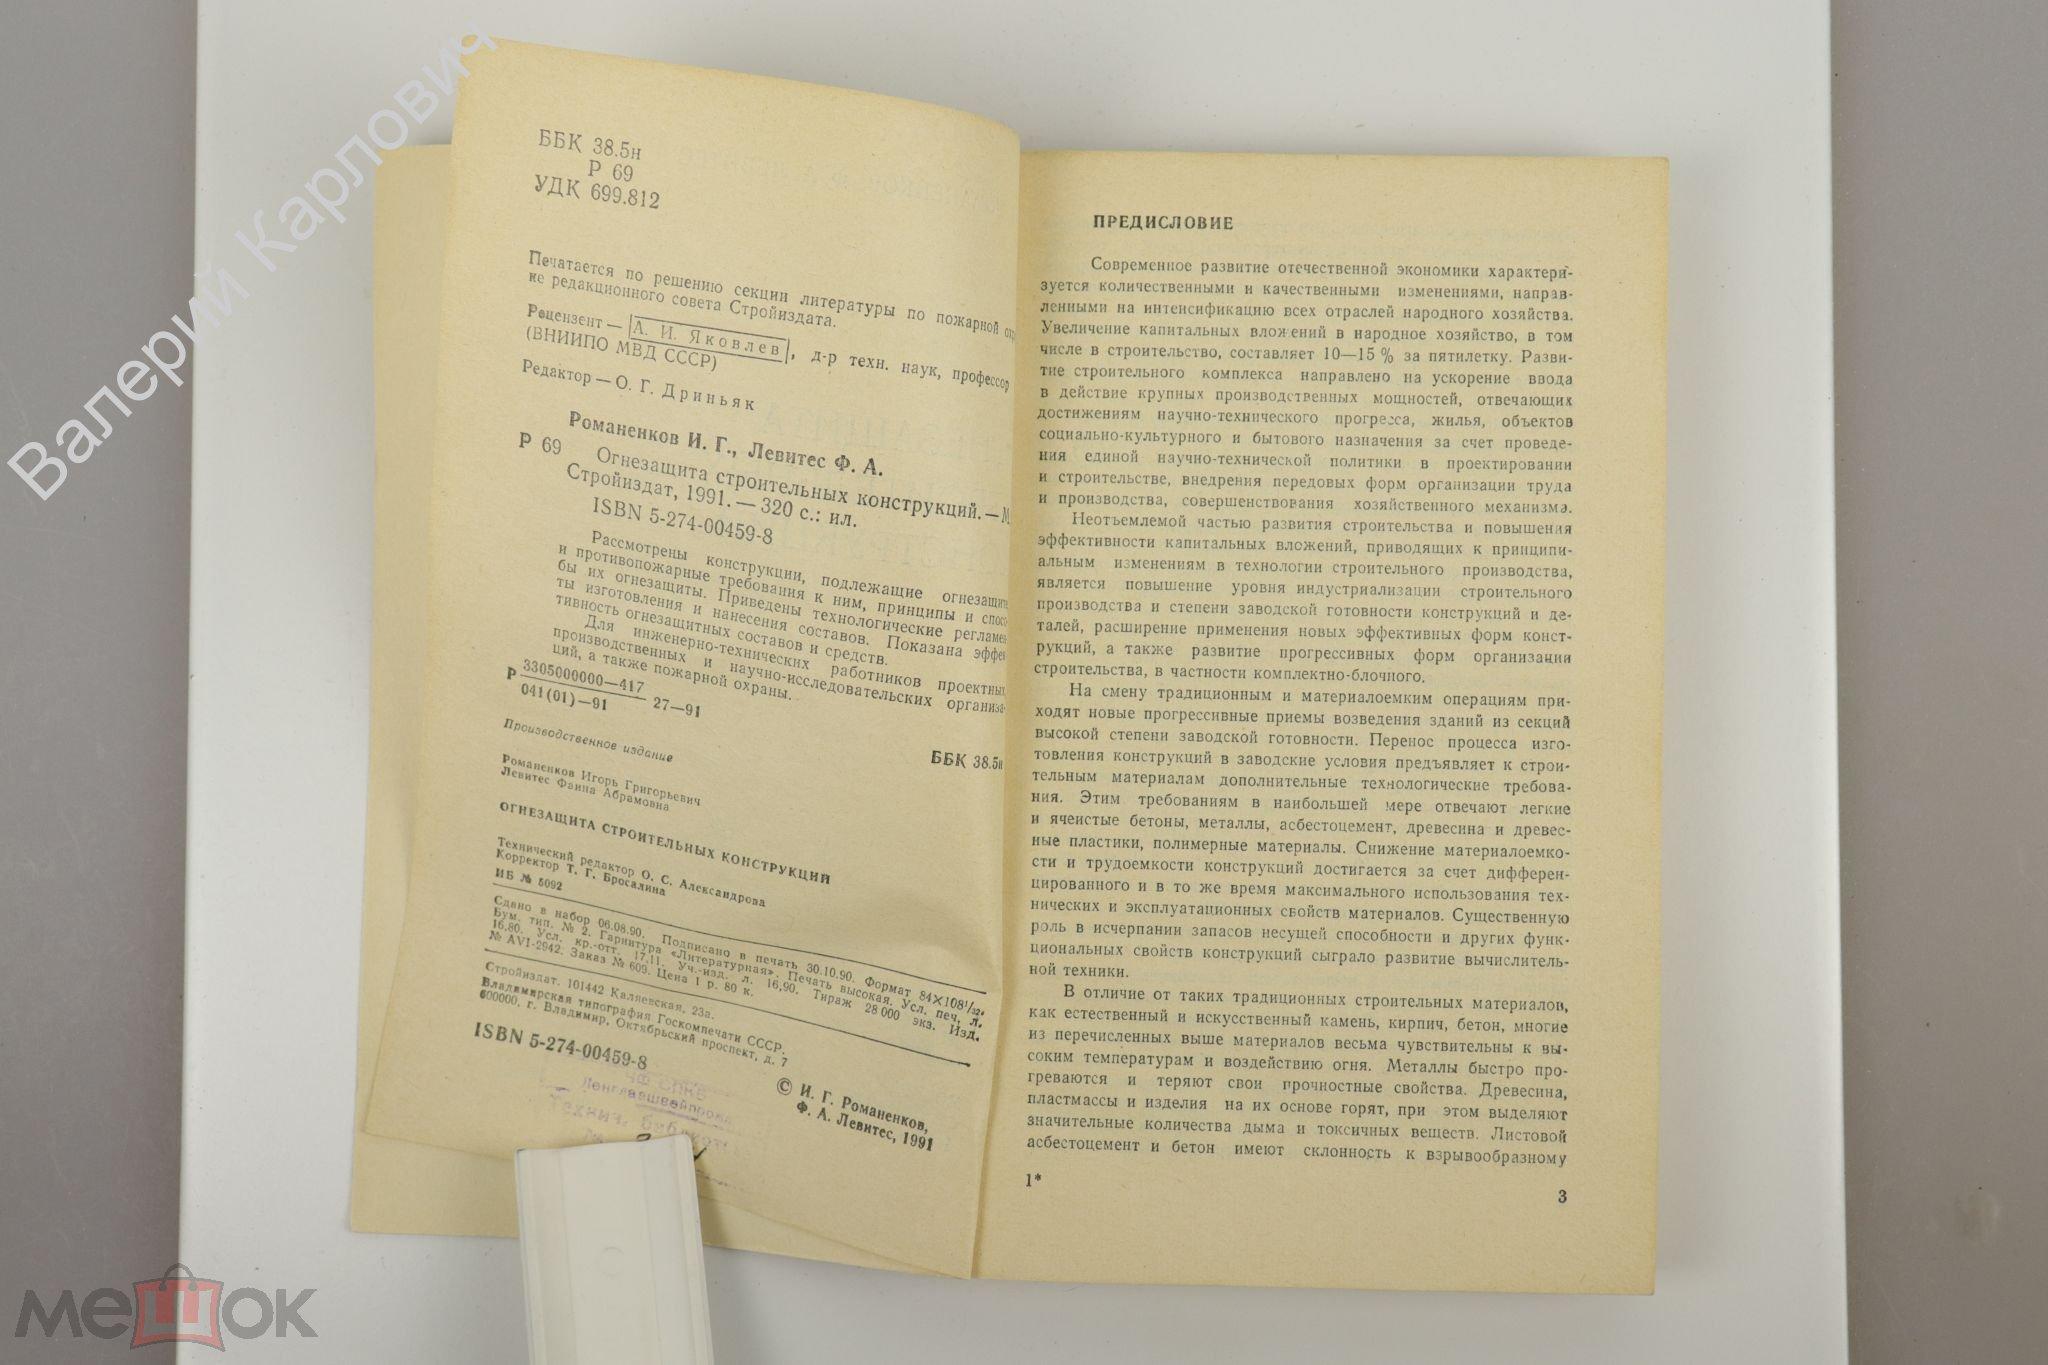 Романенков И.Г., Левитес Ф.А. Огнезащита строительных конструкций. Москва: Стройиздат, 1991 (Б11581)